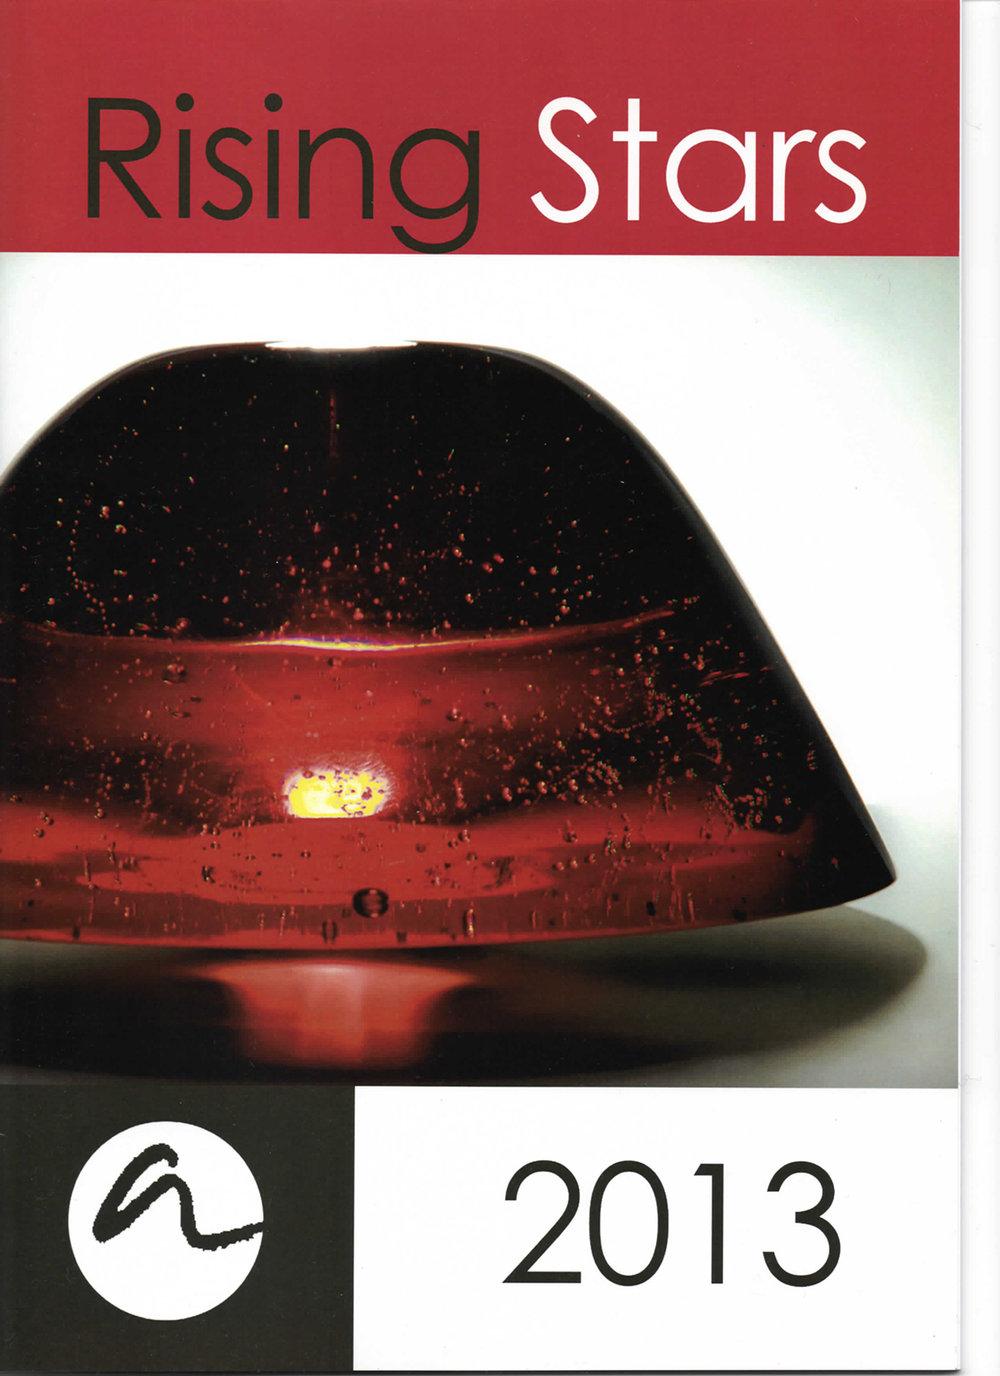 RisingStars2013001.jpg